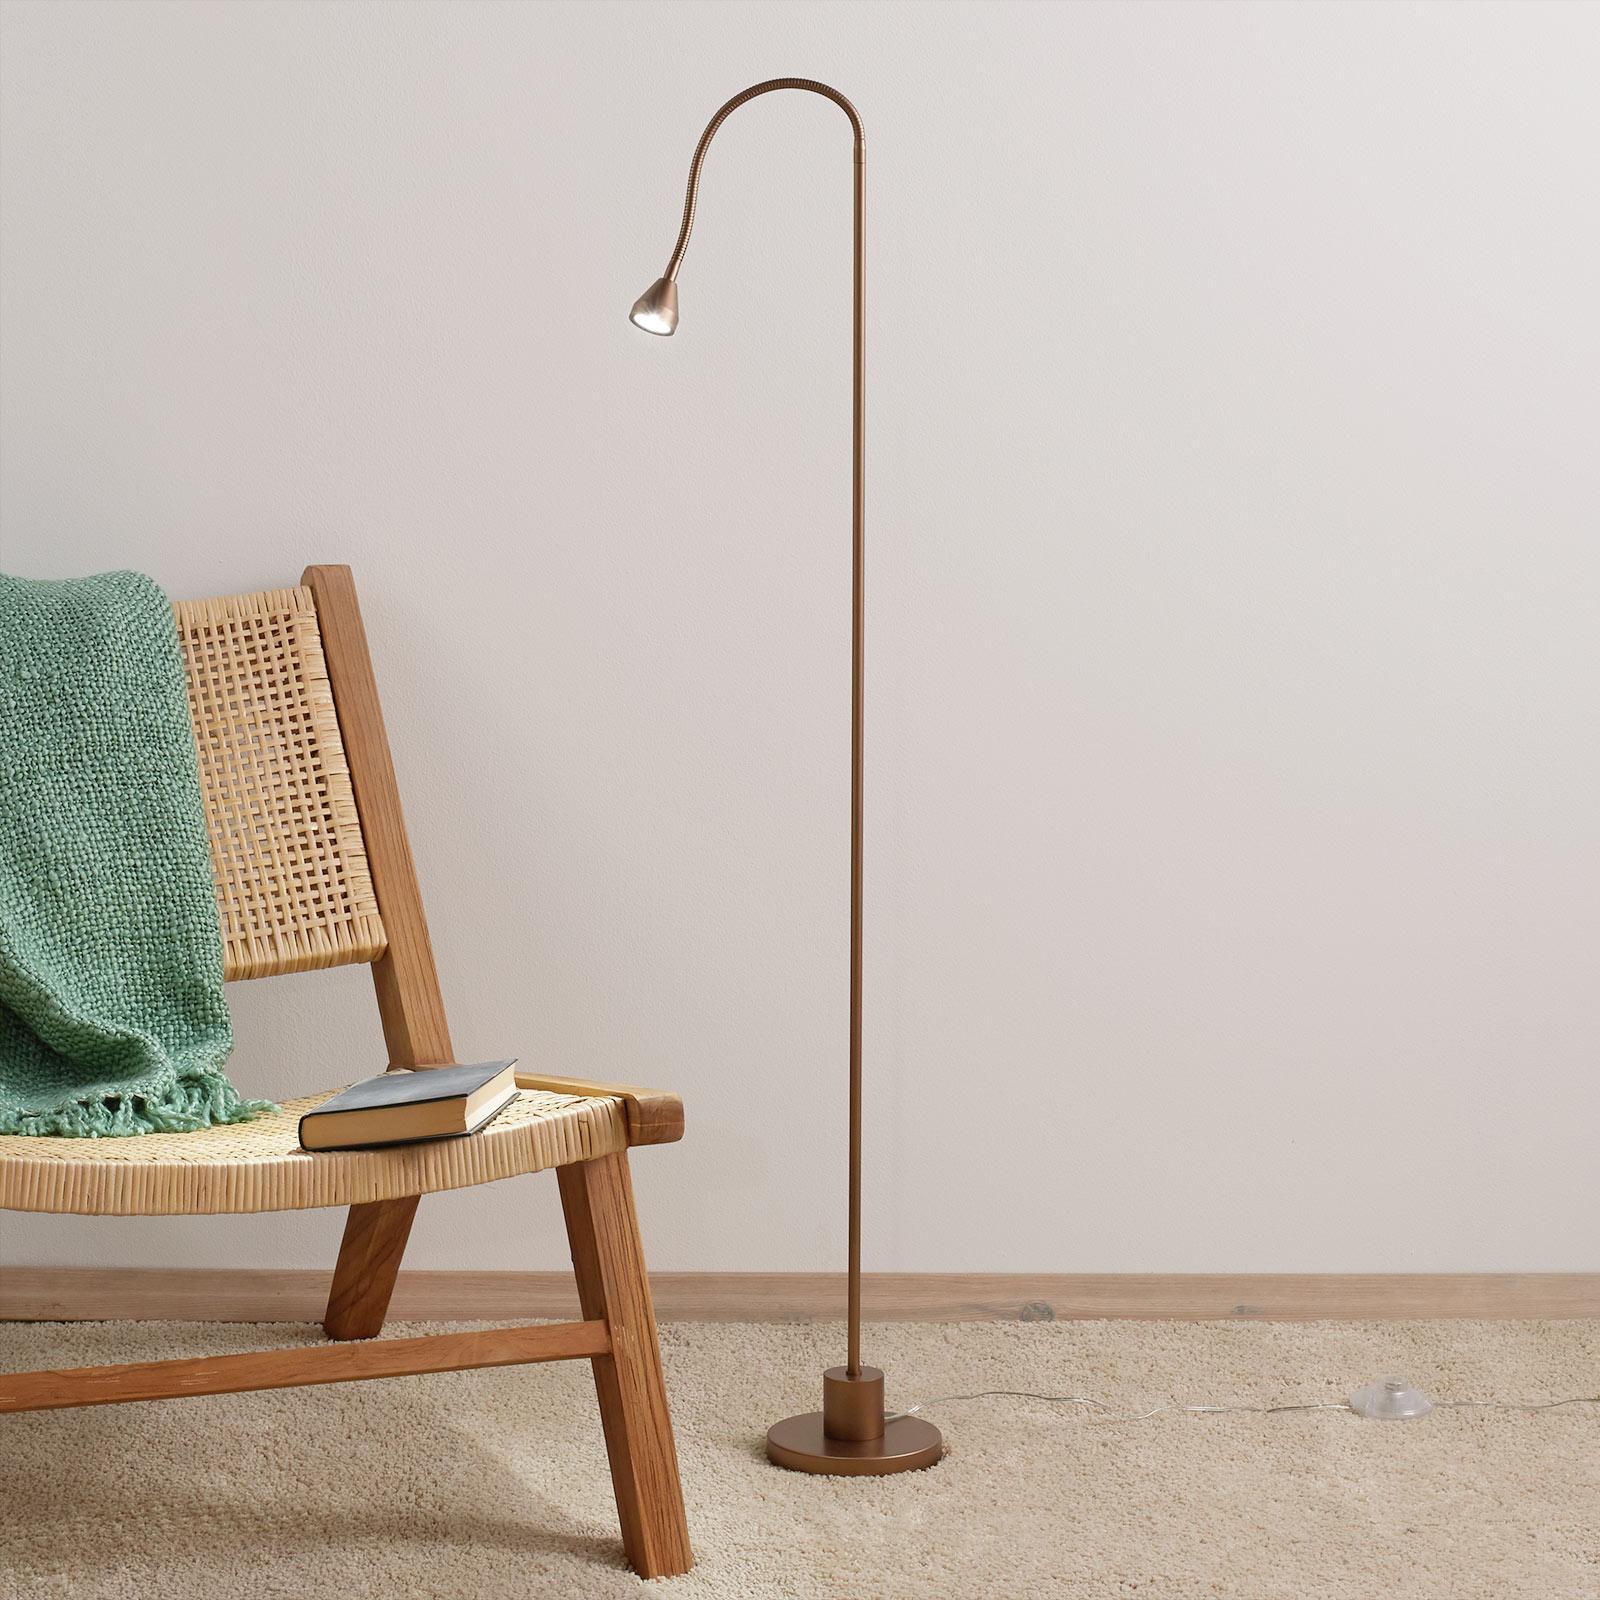 Lampada LED da pavimento minimalista MINI, antico